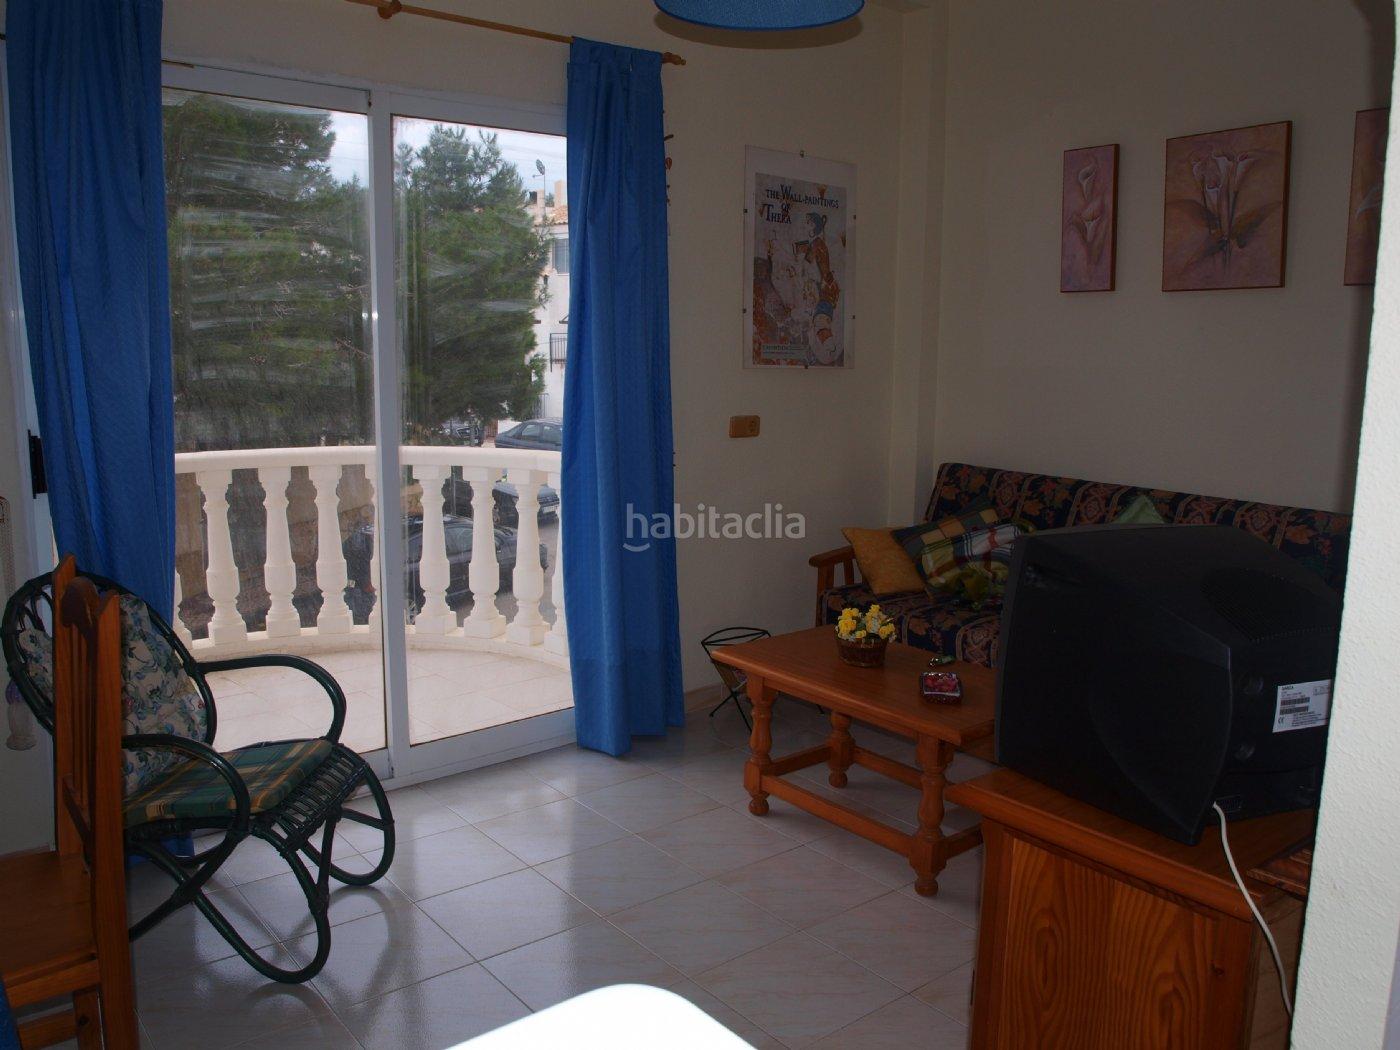 Alquiler piso por 300 en calle picos de europa villacosta for Alquiler pisos guipuzcoa 500